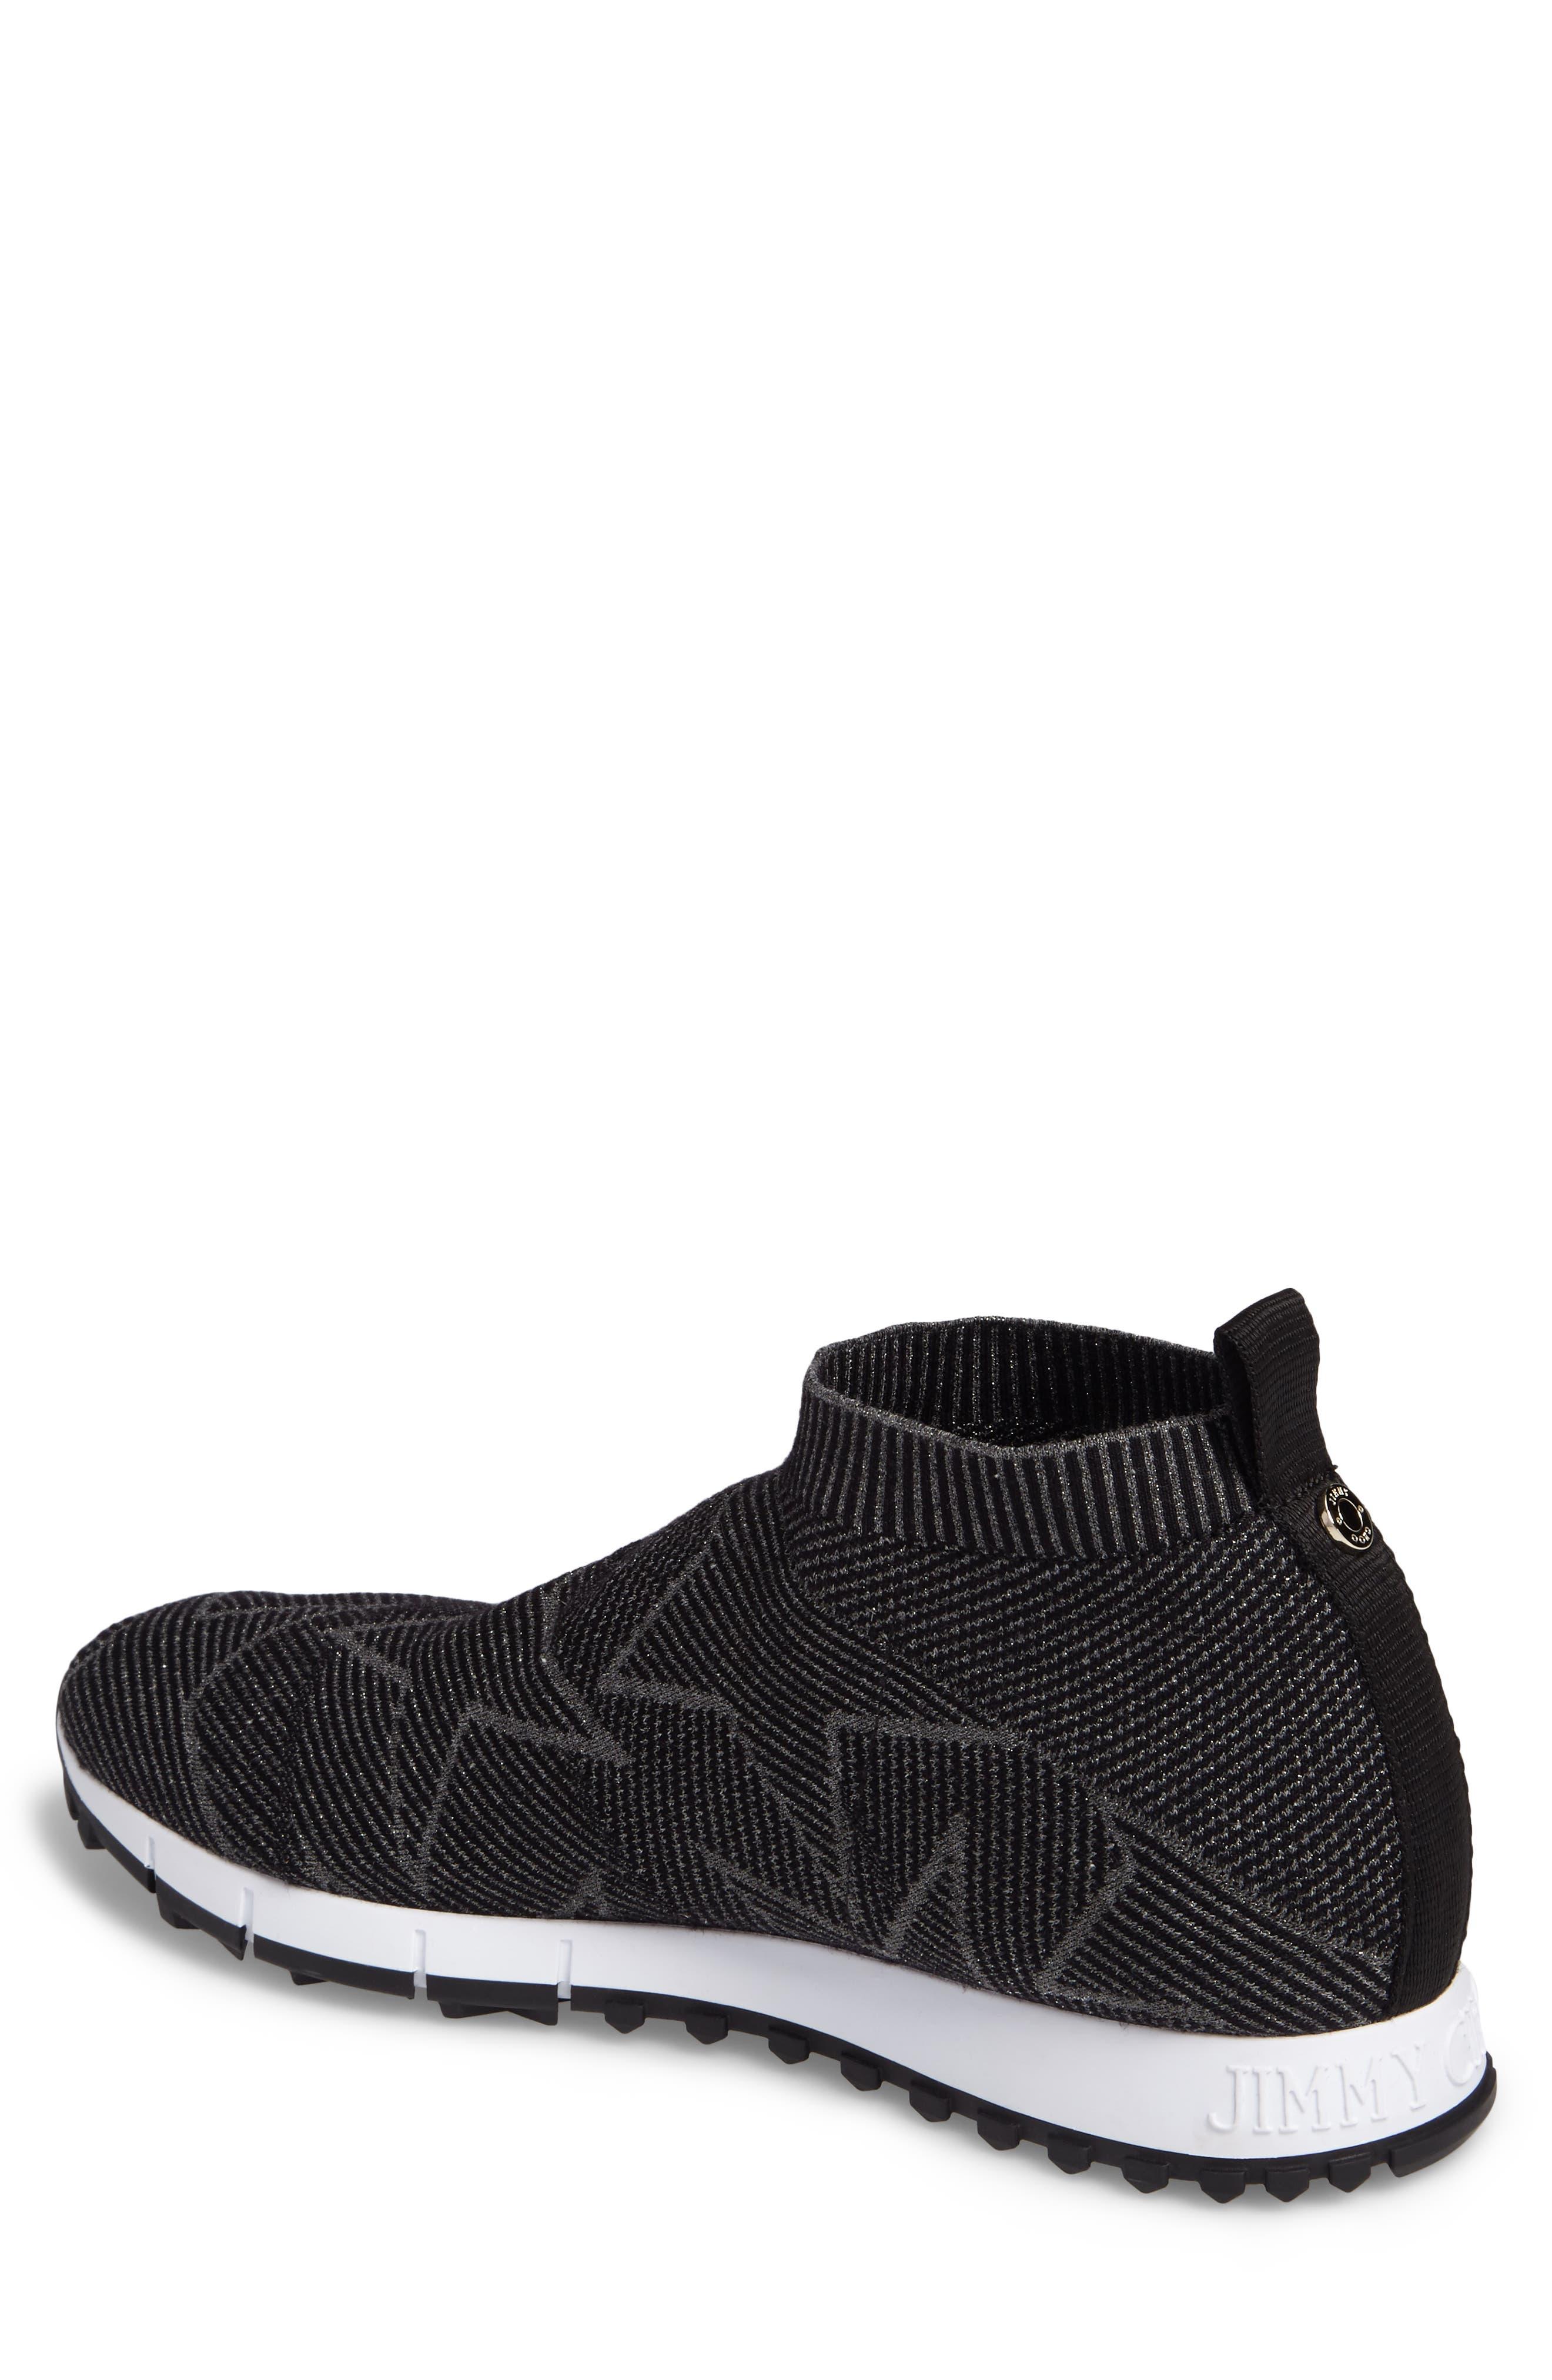 Alternate Image 2  - Jimmy Choo Norway High Top Sock Sneaker (Men)